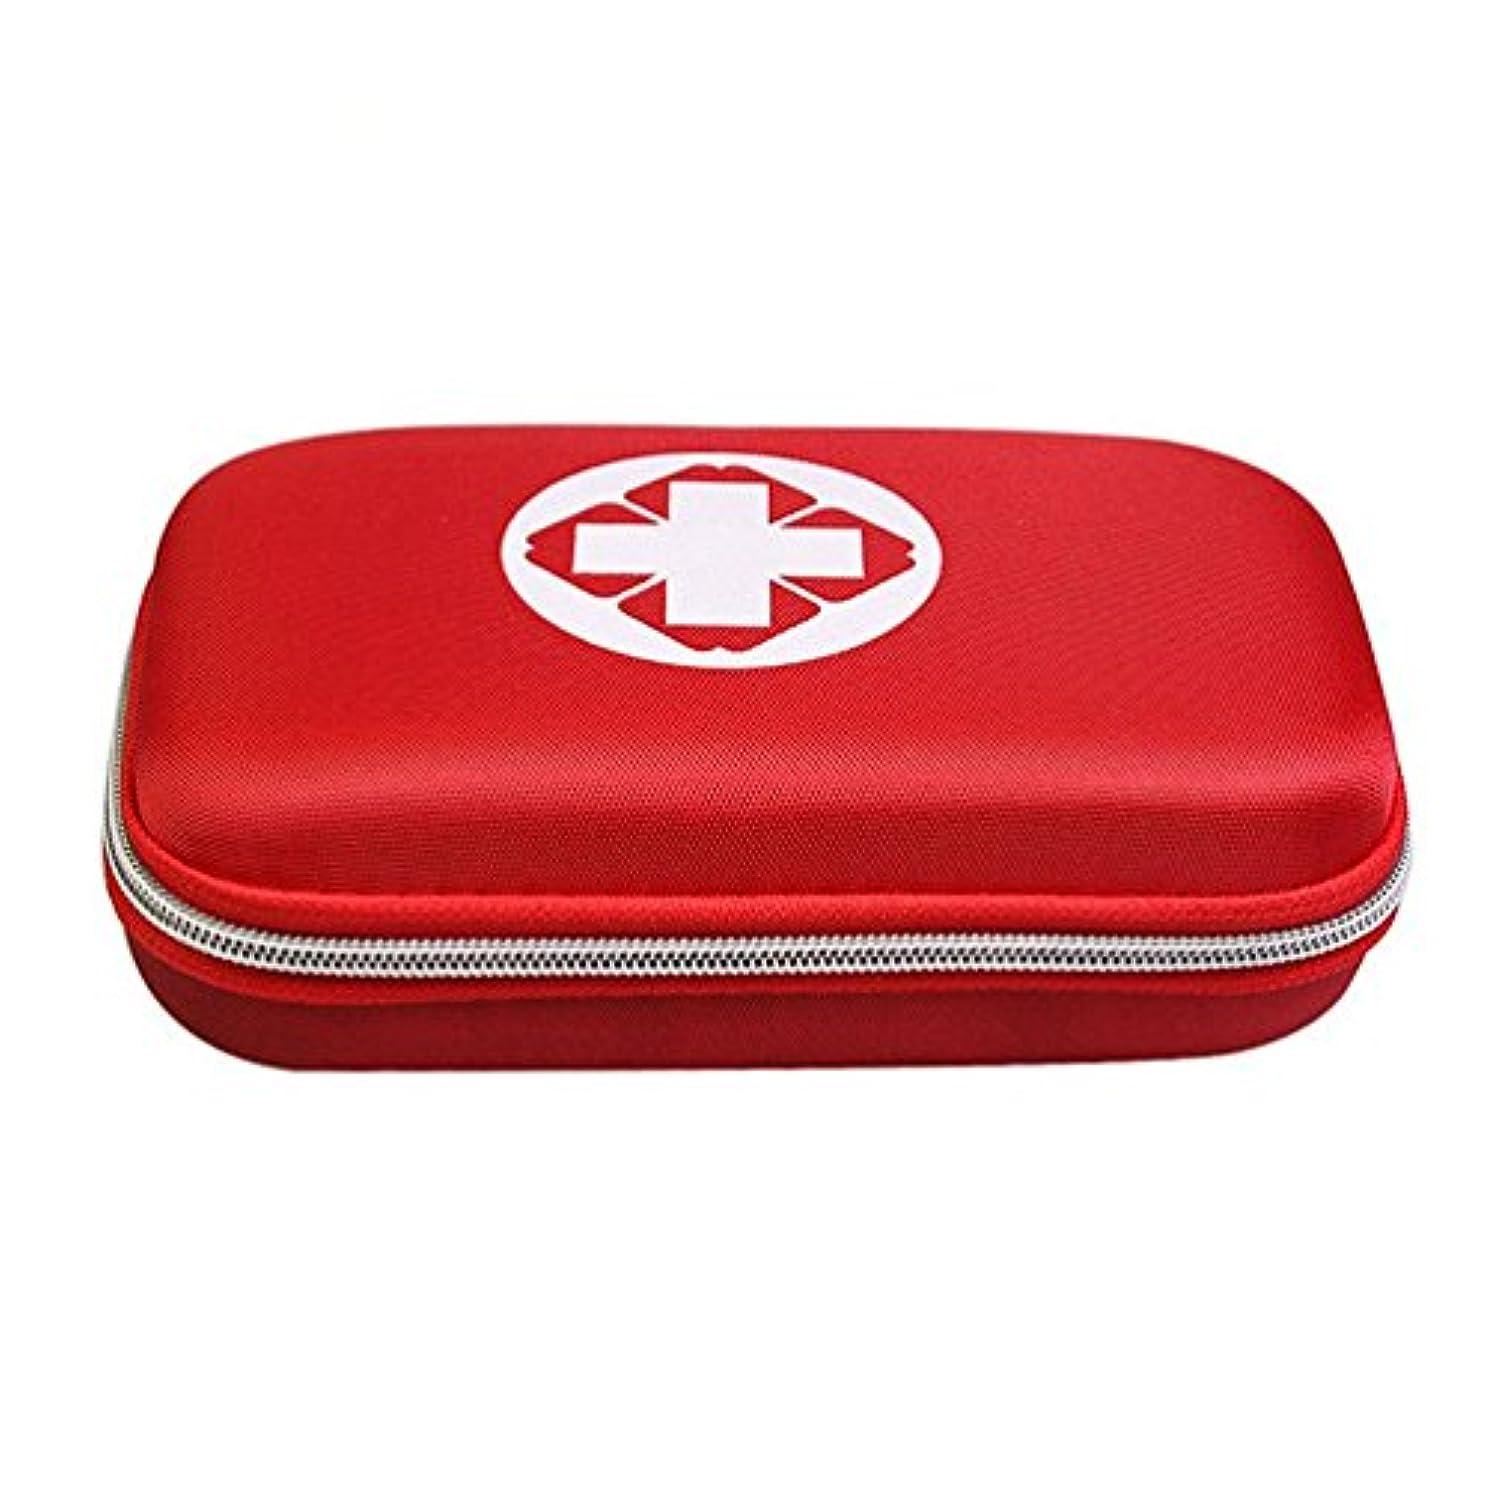 放出特許文言Sheltons 携帯用救急箱 緊急応急セット 防災セット ファーストエイドキット スポーツケア 応急処置17種類